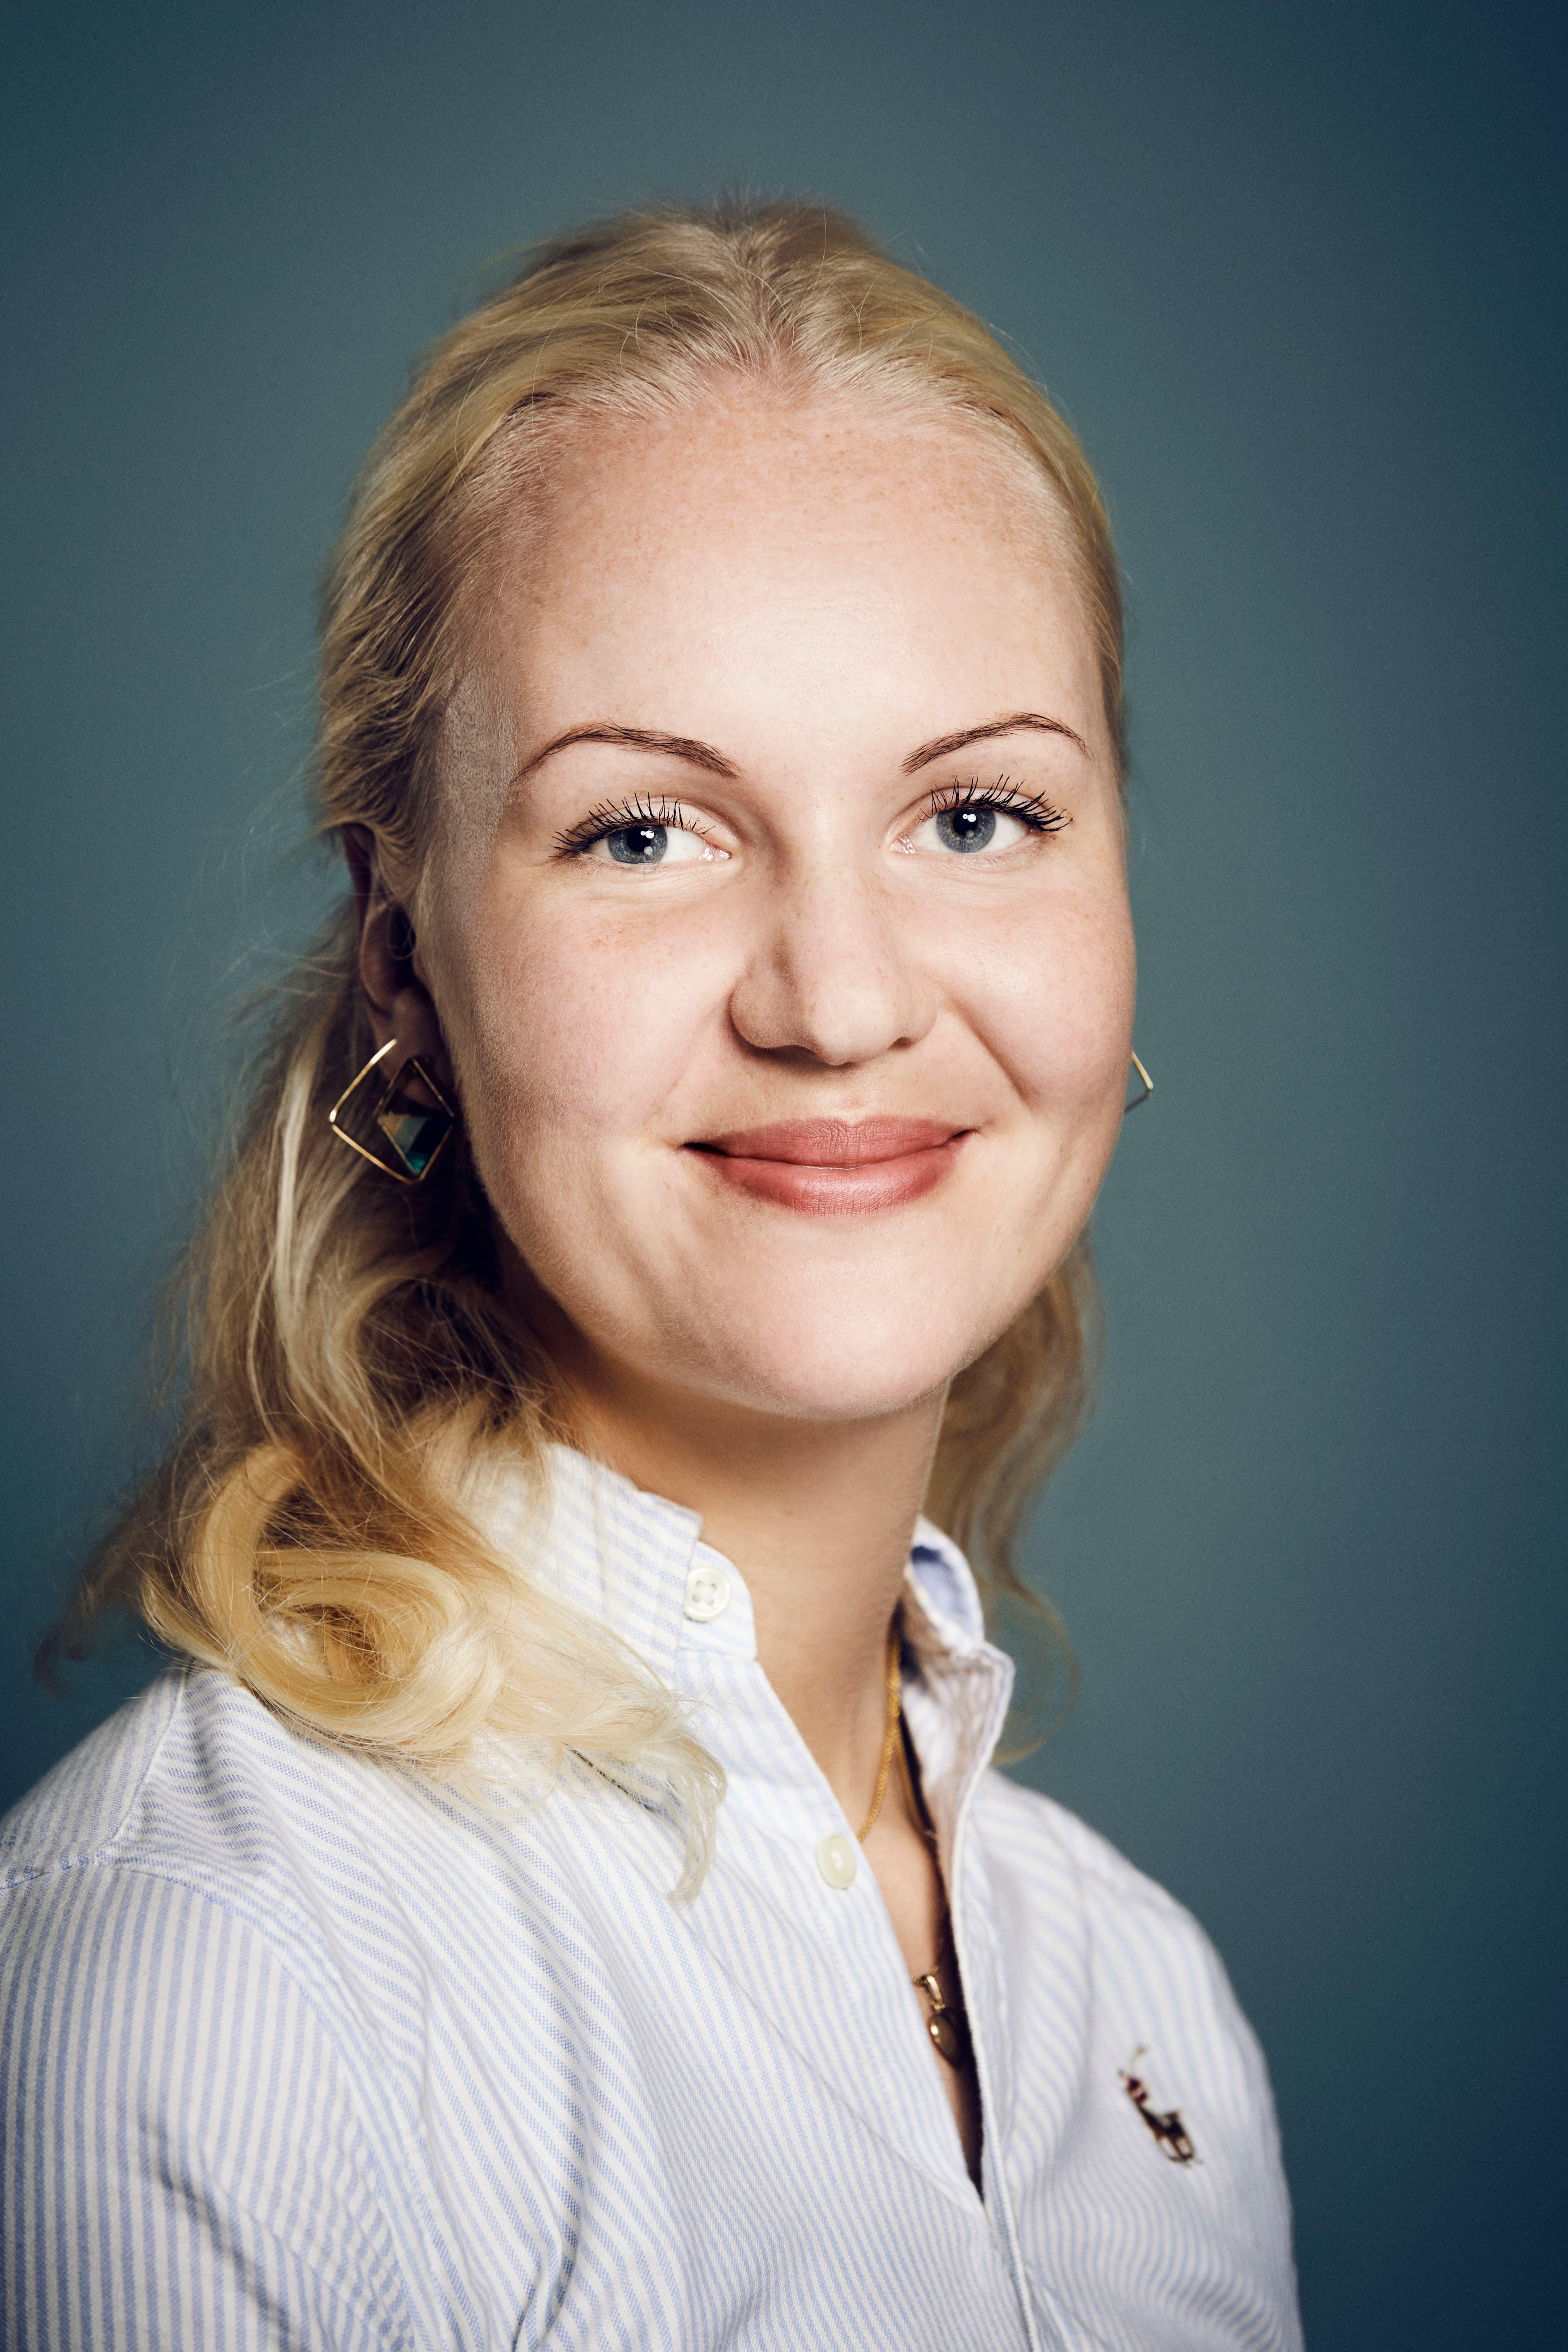 Irene Kjærskov Pedersen